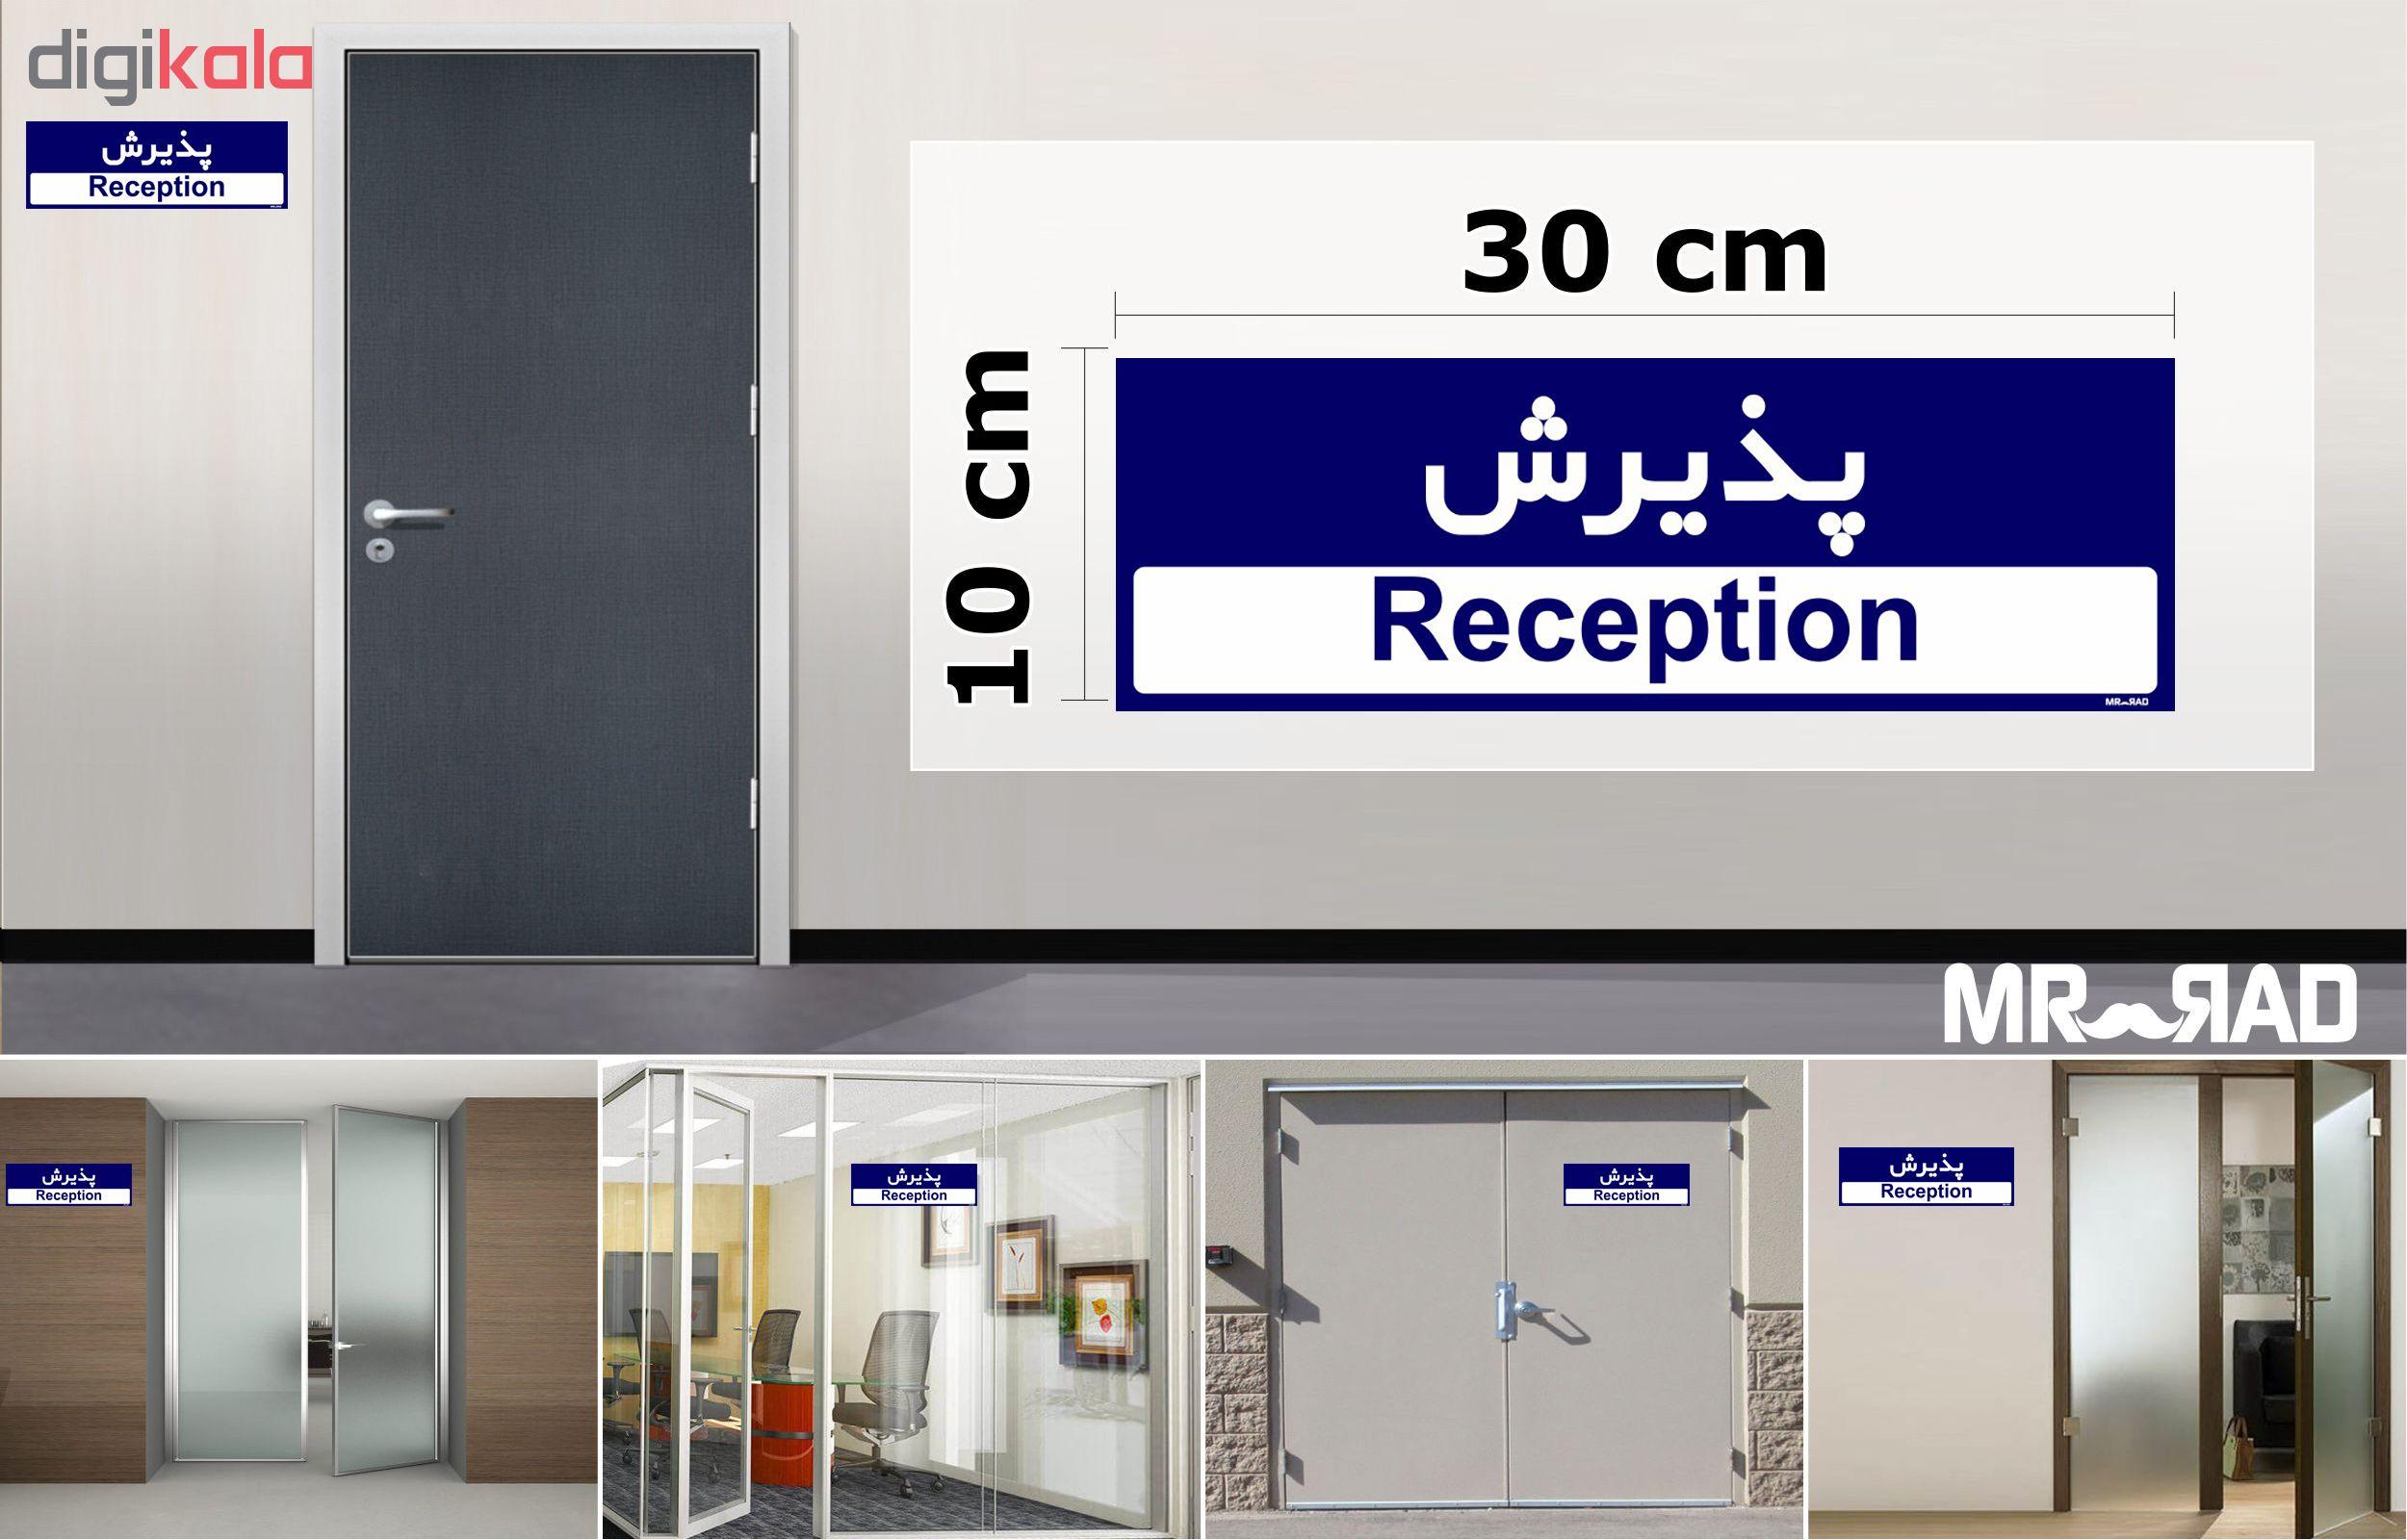 تابلو راهنمای اتاق  FG طرح پذیرش کدTHO0393